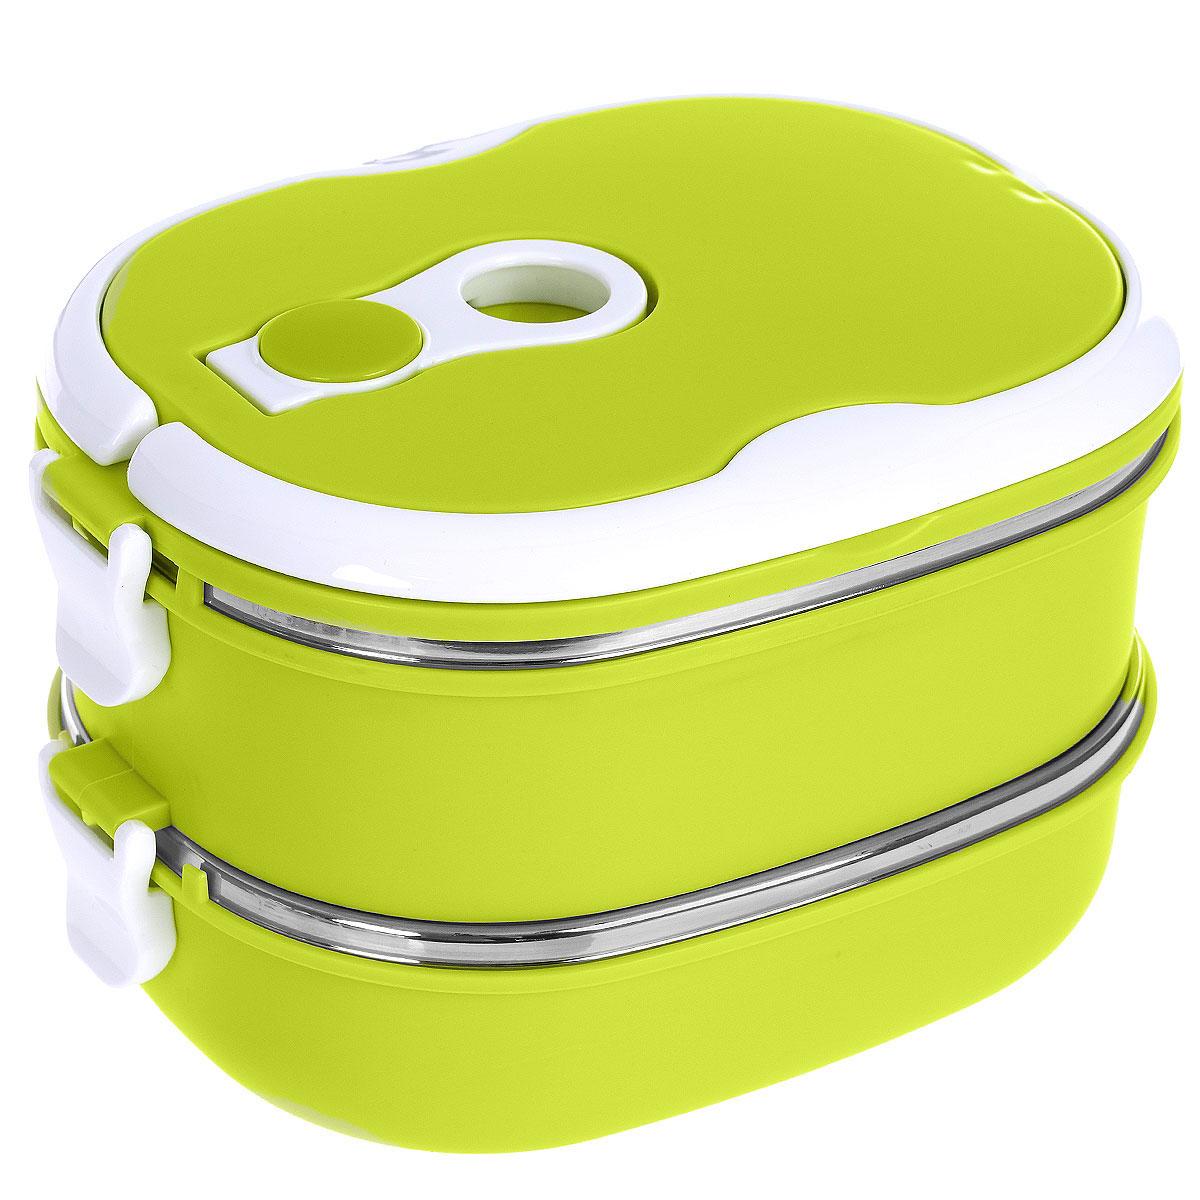 Термо ланч-бокс двойной Bradex Bento, цвет: зеленый, 1,5 лTK 0050Двойной термо ланч-бокс Bradex Bento станет незаменимой вещью для офисных работников, водителей, школьников и студентов. Благодаря двойной стенке ланч-бокс сохраняет температуру продуктов в течение 4-5 часов, поэтому вы сможете насладиться теплым обедом и вне дома. Ланч-бокс имеет абсолютно герметичную конструкцию и складные ручки для удобства переноски, также он пригоден для мытья в посудомоечной машине, идеален для пикников и путешествий. Вы можете носить в Bento обеды и завтраки, супы, закуски, фрукты, овощи и другое. Так как ланч-бокс имеет два уровня, то в нем можно хранить большее количество продуктов. Объем: 1,5 л. Размер одного контейнера: 18,5 см х 14,5 см х 6 см. Общий размер ланчбокса: 18,5 см х 14,5 см х 13 см.